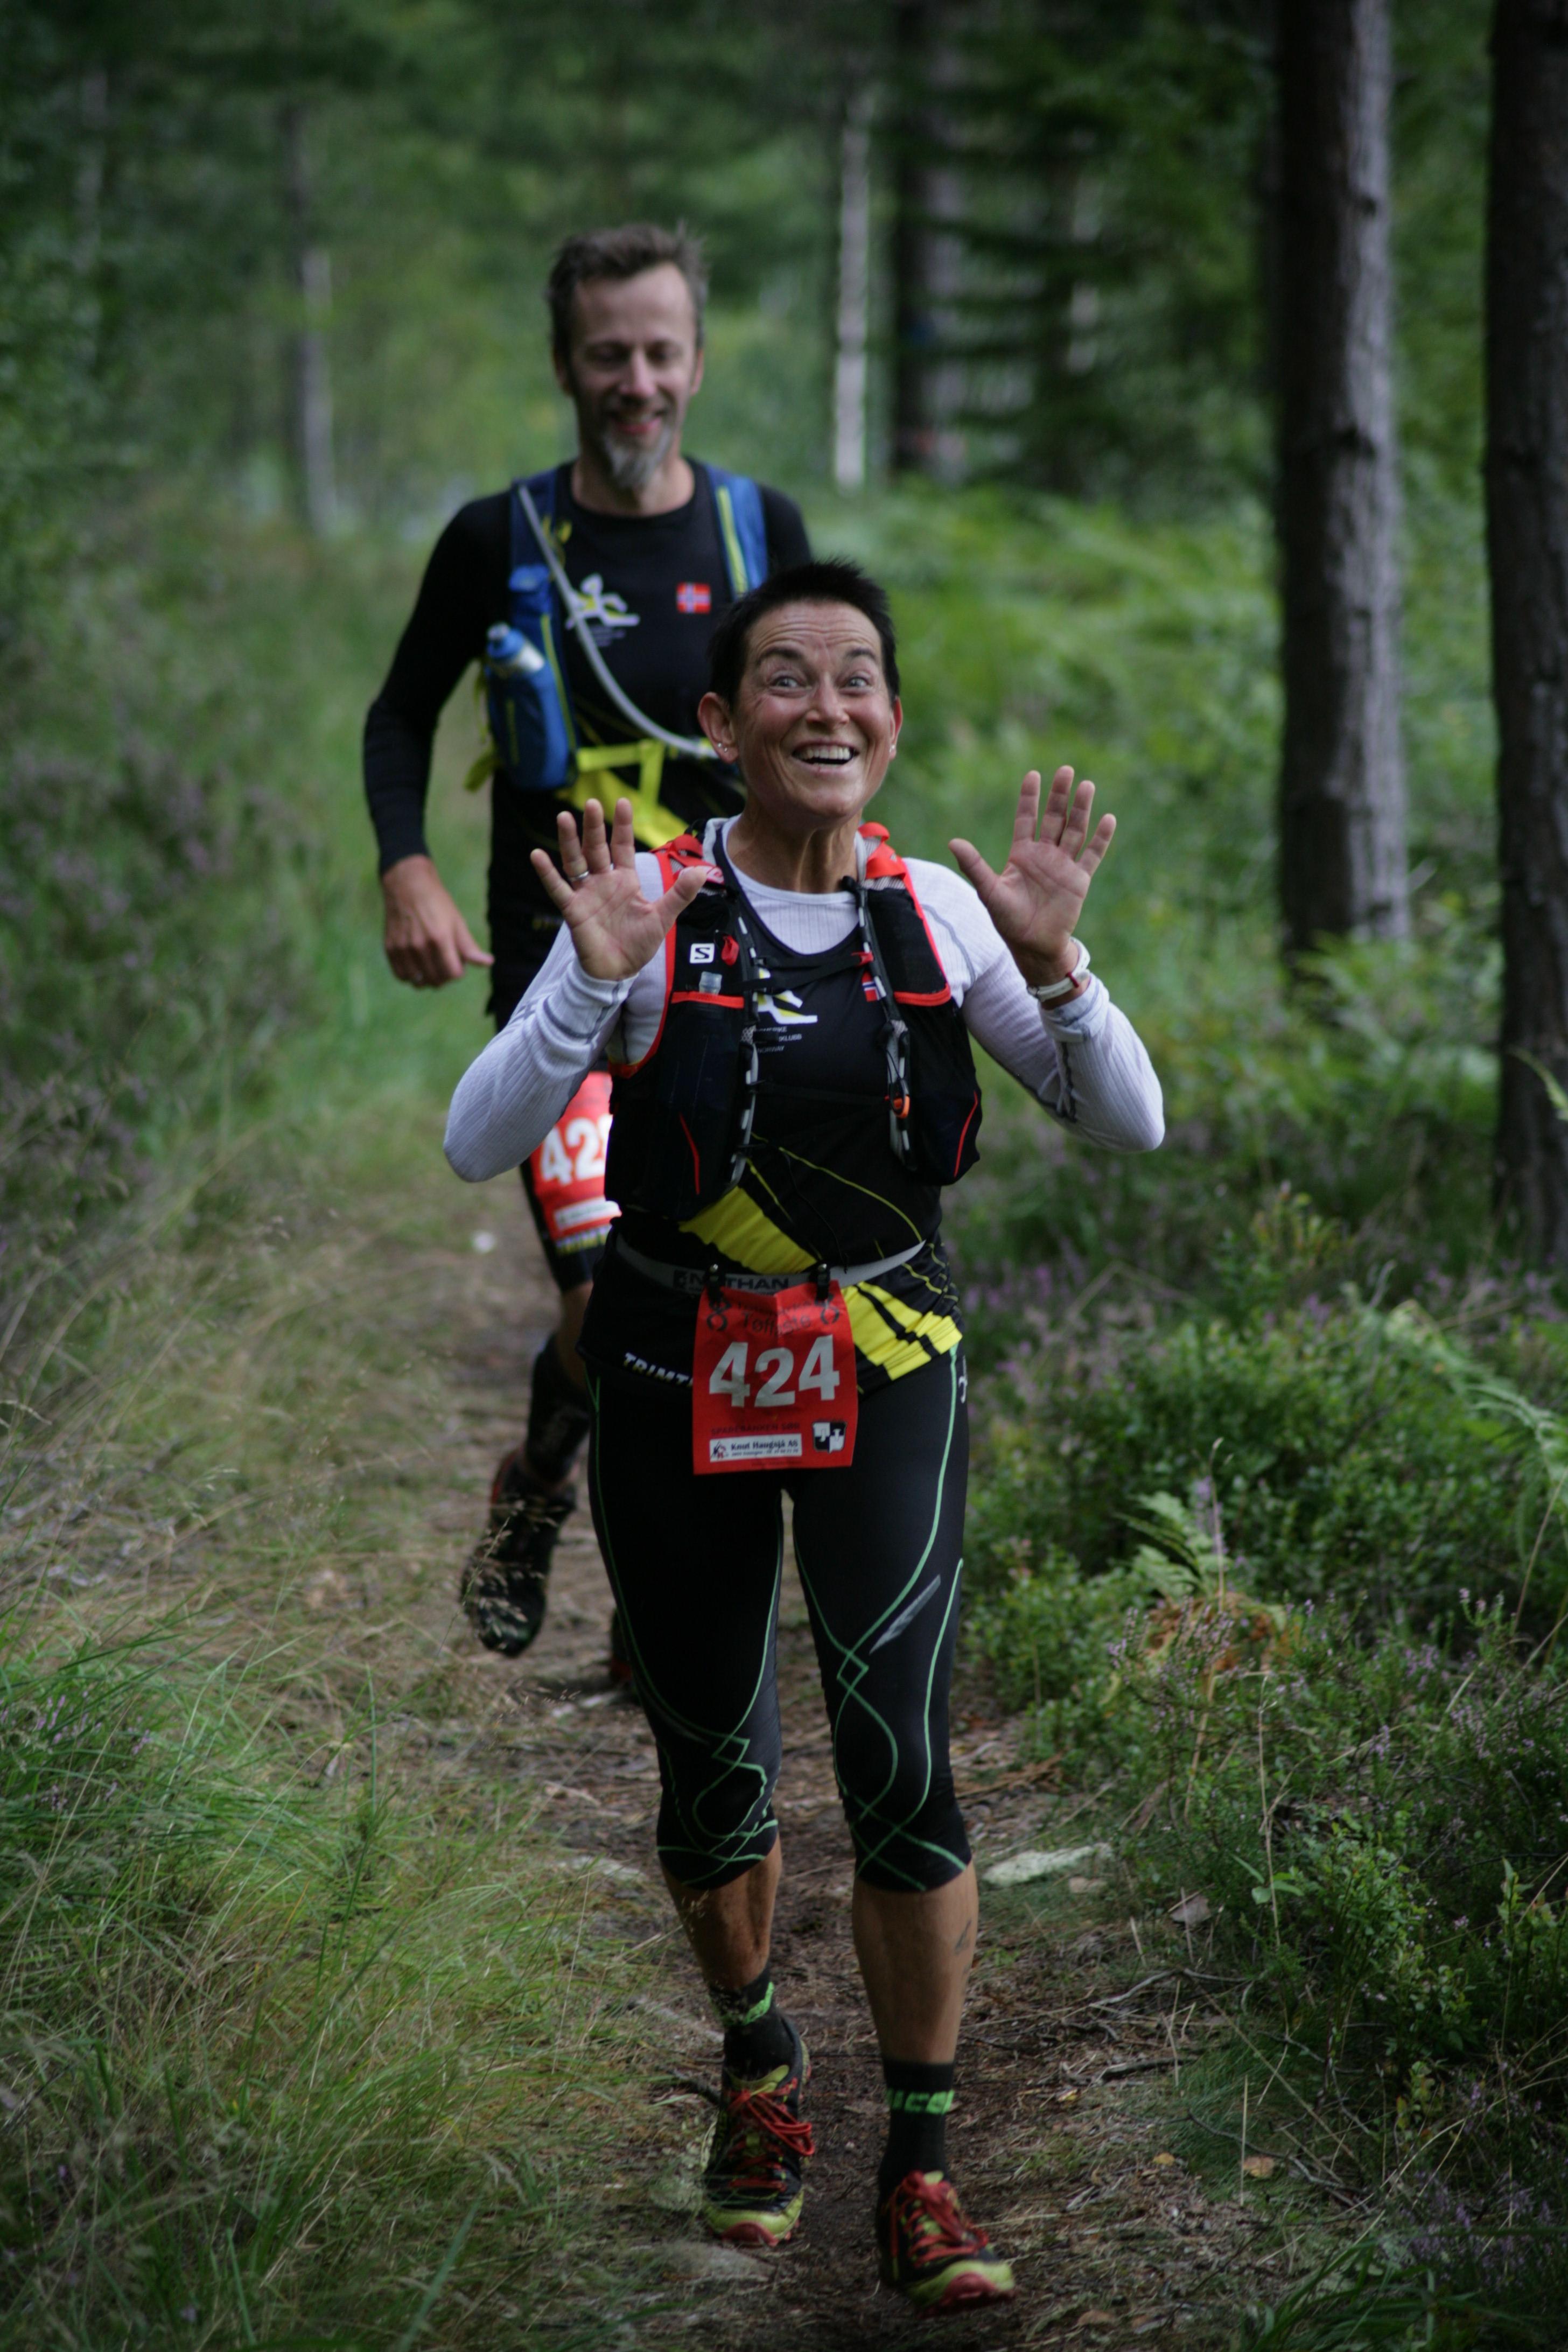 Andre plass kvinner 82 km, Ingvill Stedoy Johansen, Romerike Ultraloperklubb.jpg